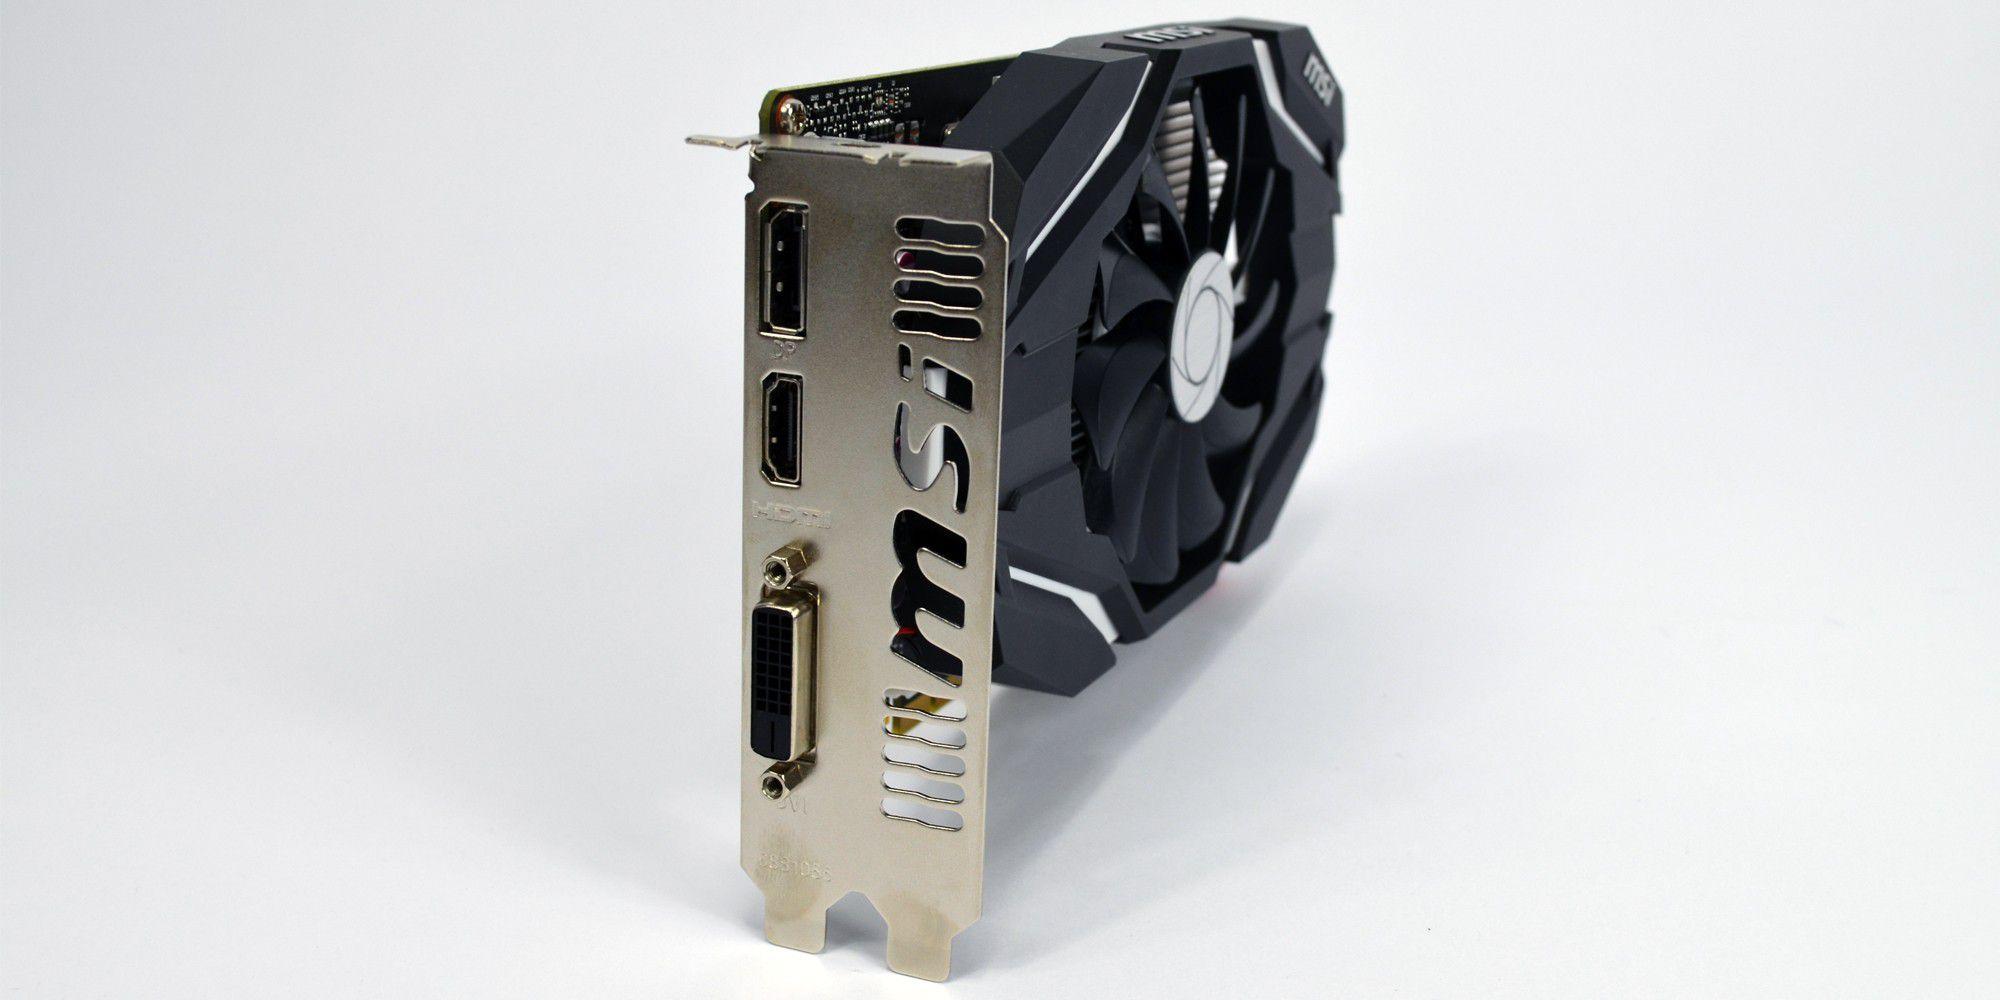 Msi Geforce Gtx 1050 Ti Oc Im Test Pc Welt 4gb Ddr5 Vergrern Bei Der Handelt Es Sich Um Die Einsteiger Version Pascal Generation